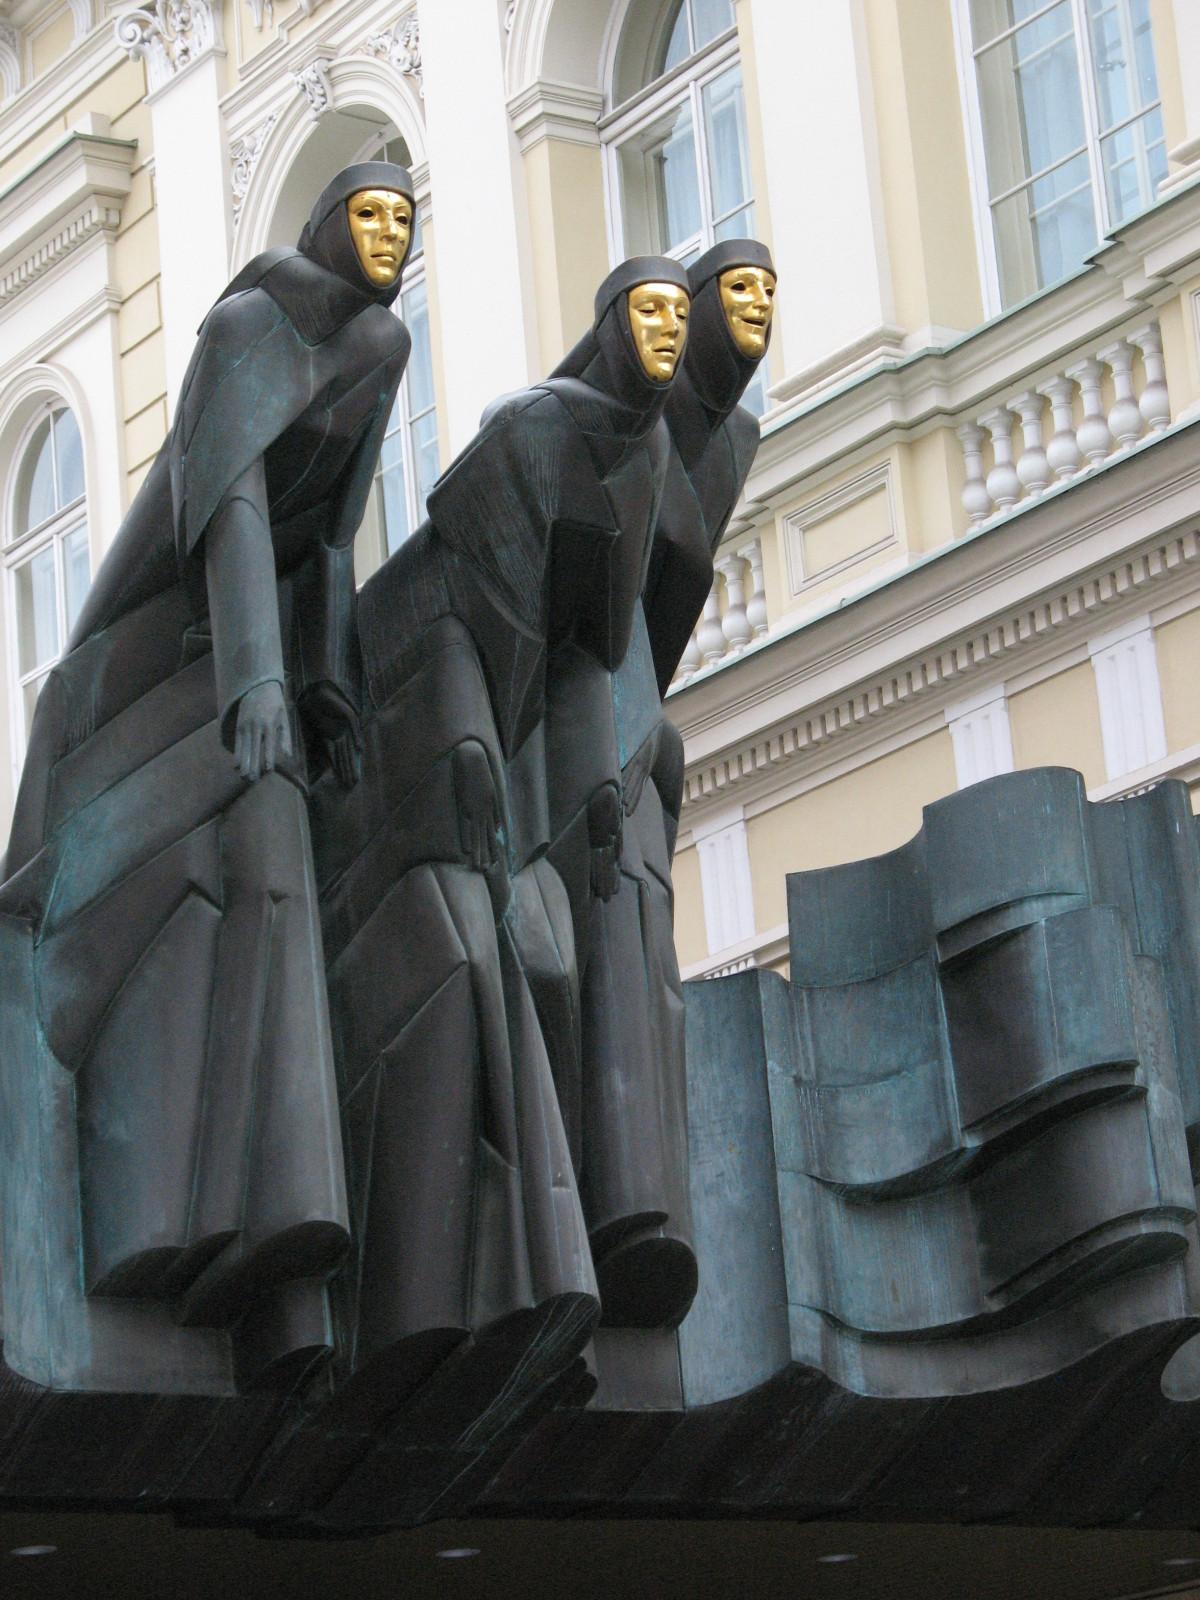 Fotos gratis : Monumento, estatua, escultura, teatro